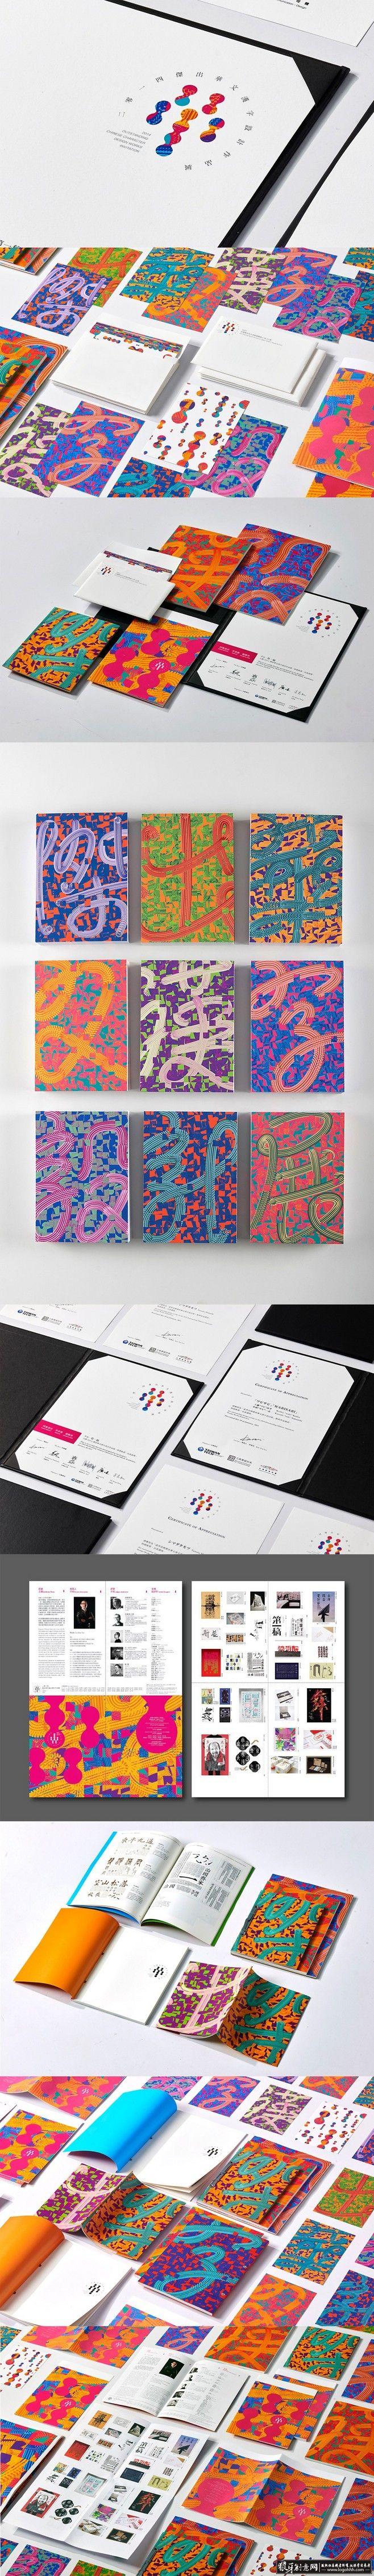 VI品牌设计 汉字视觉设计 汉字品牌设计...